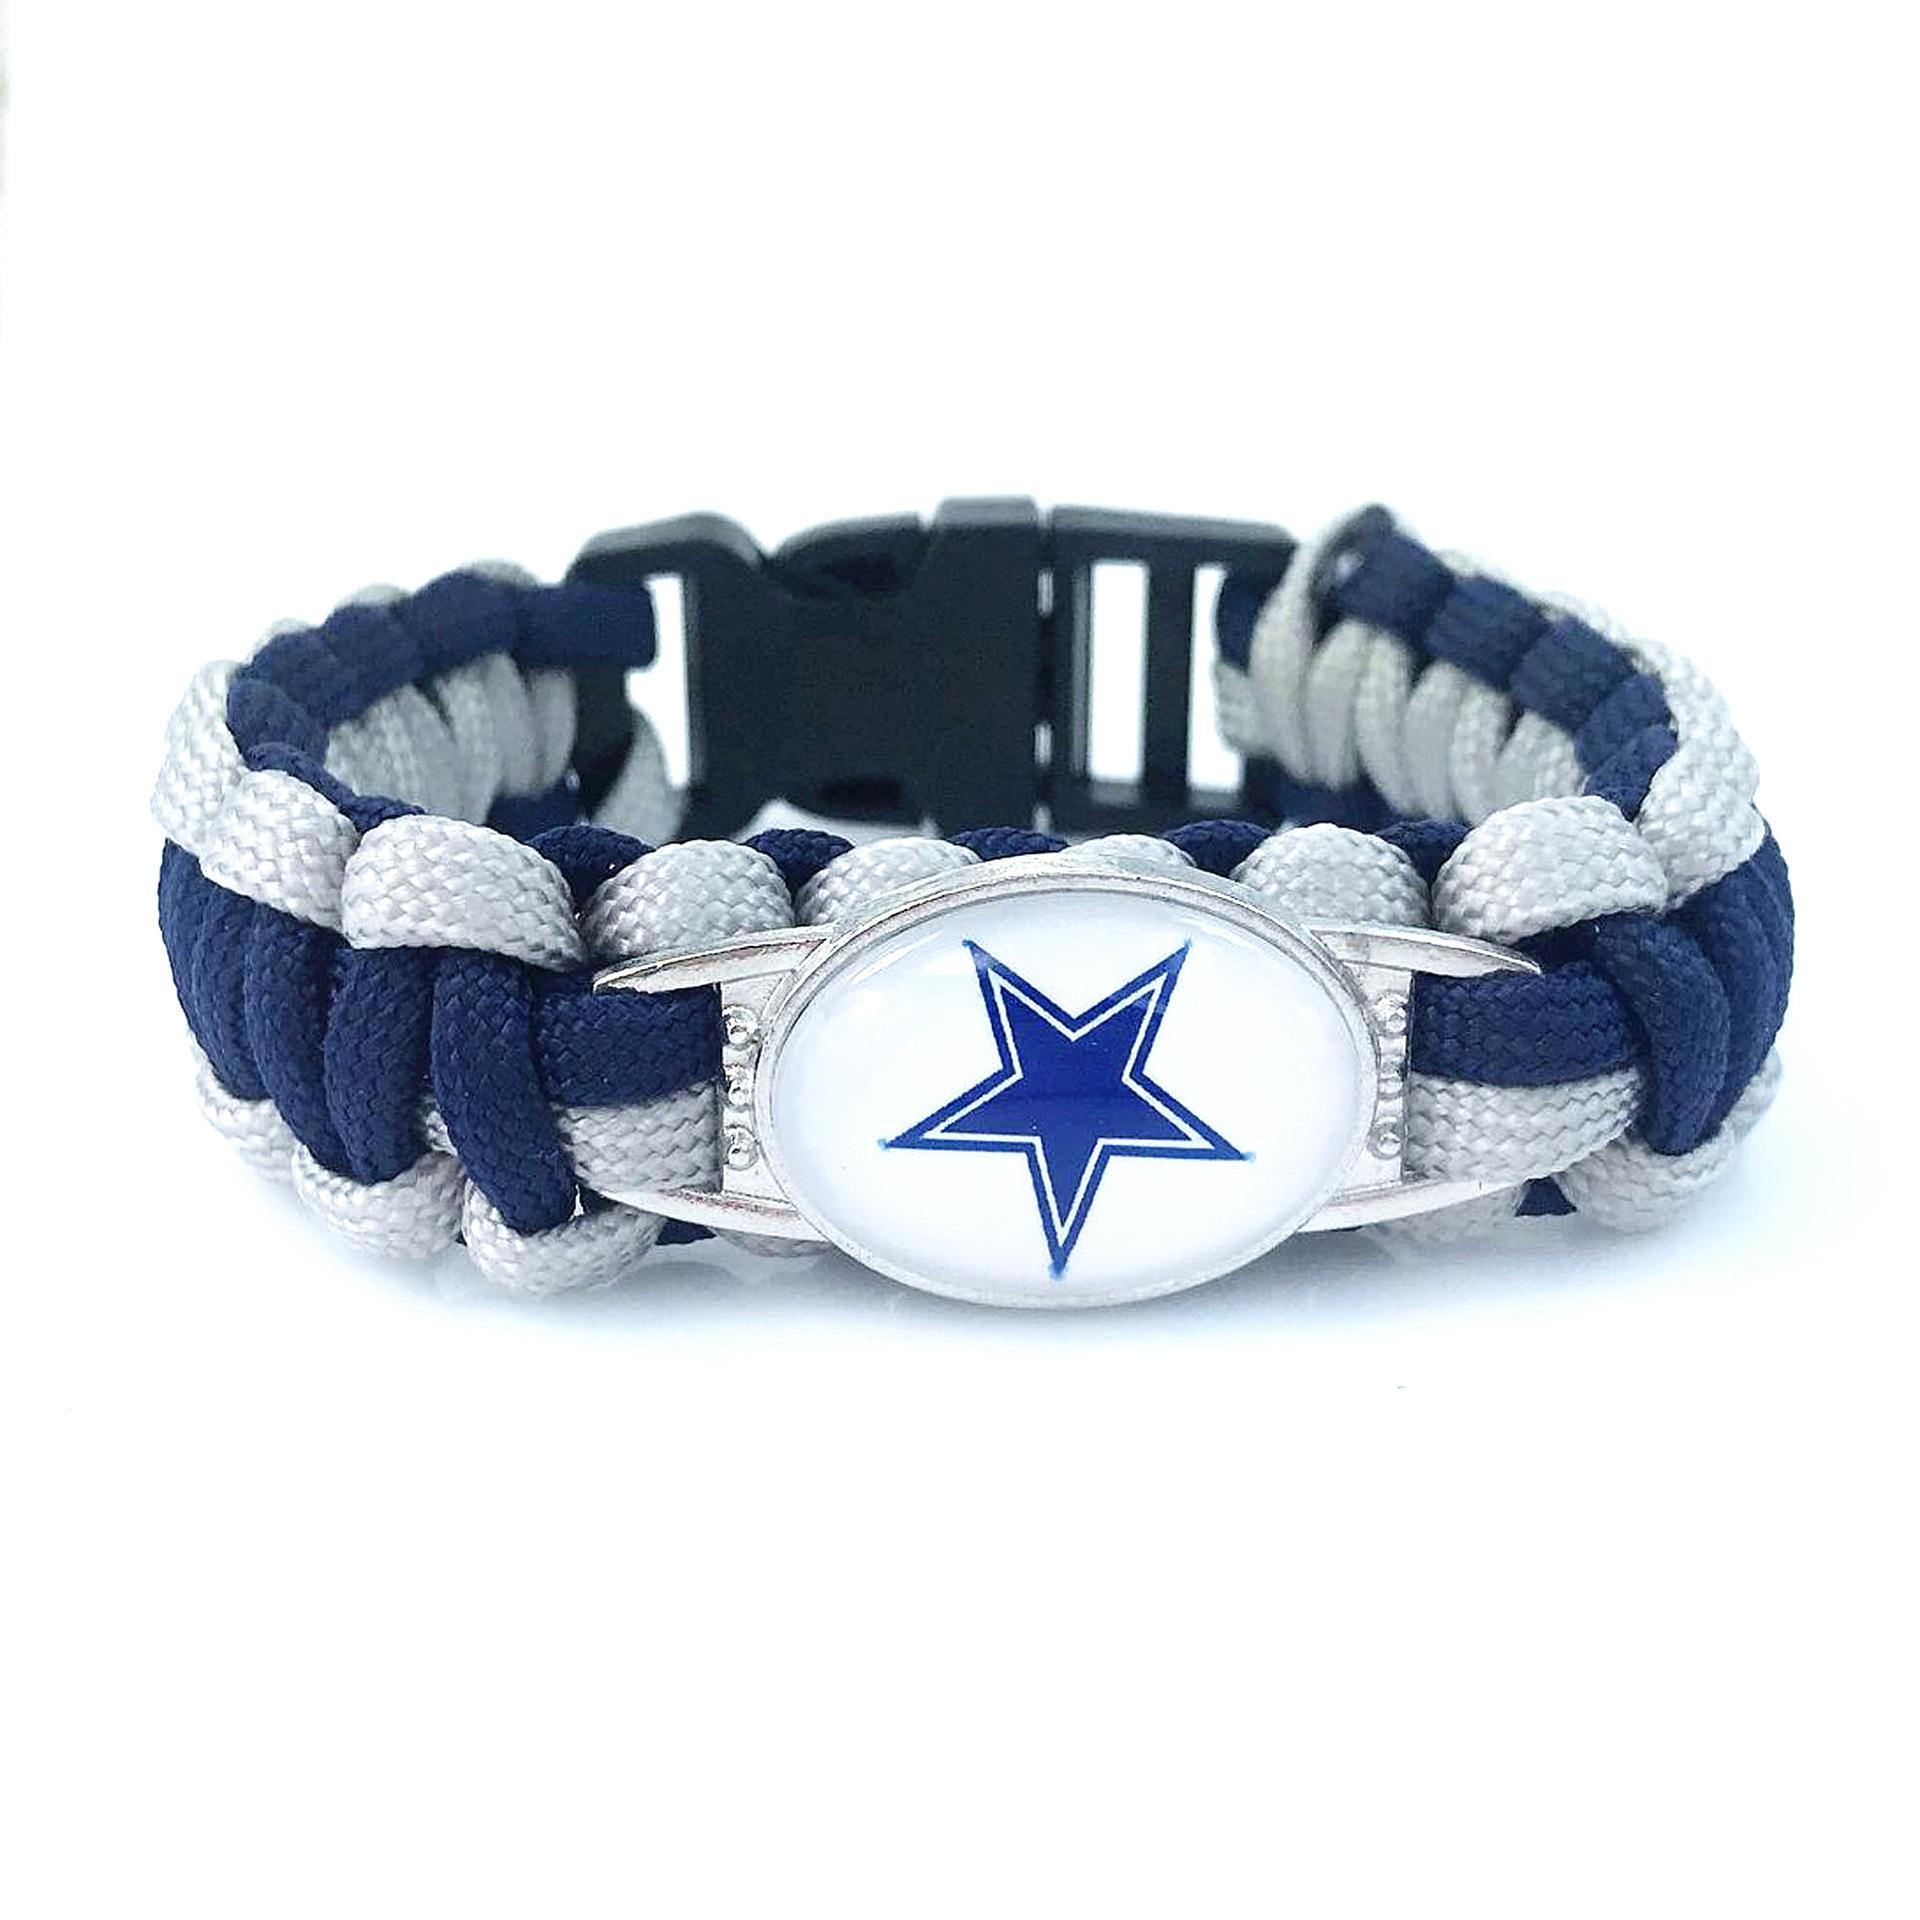 美国NFL足球达拉斯牛仔队Dallas Cowboys 合金扣伞绳编织手链手环